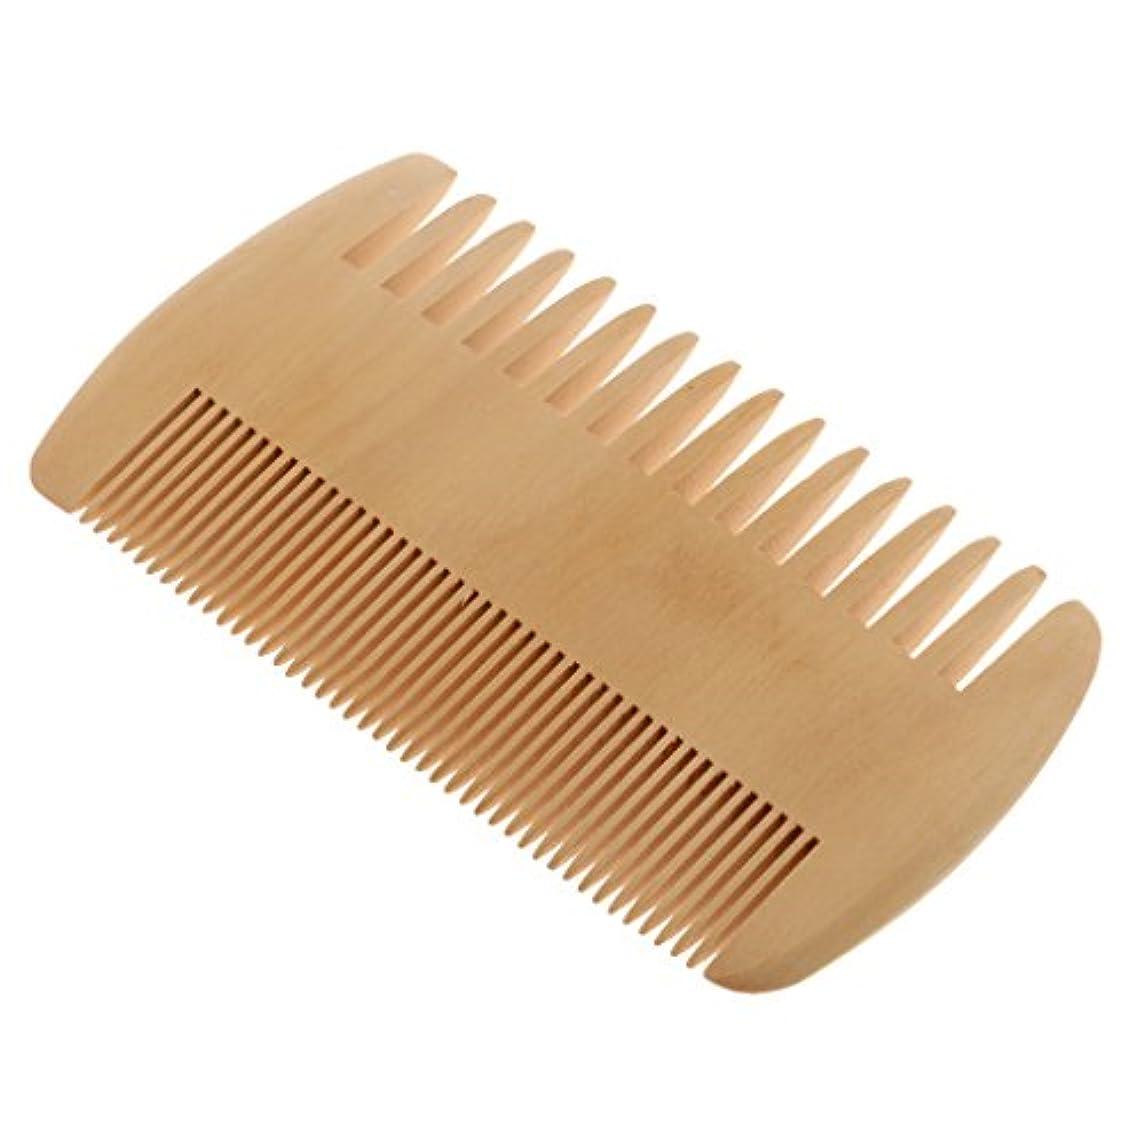 上回る出力鉛CUTICATE 木製コーム 木製櫛 ヘアブラシ 帯電防止櫛 ポケットコーム ヘアスタイリング 用品